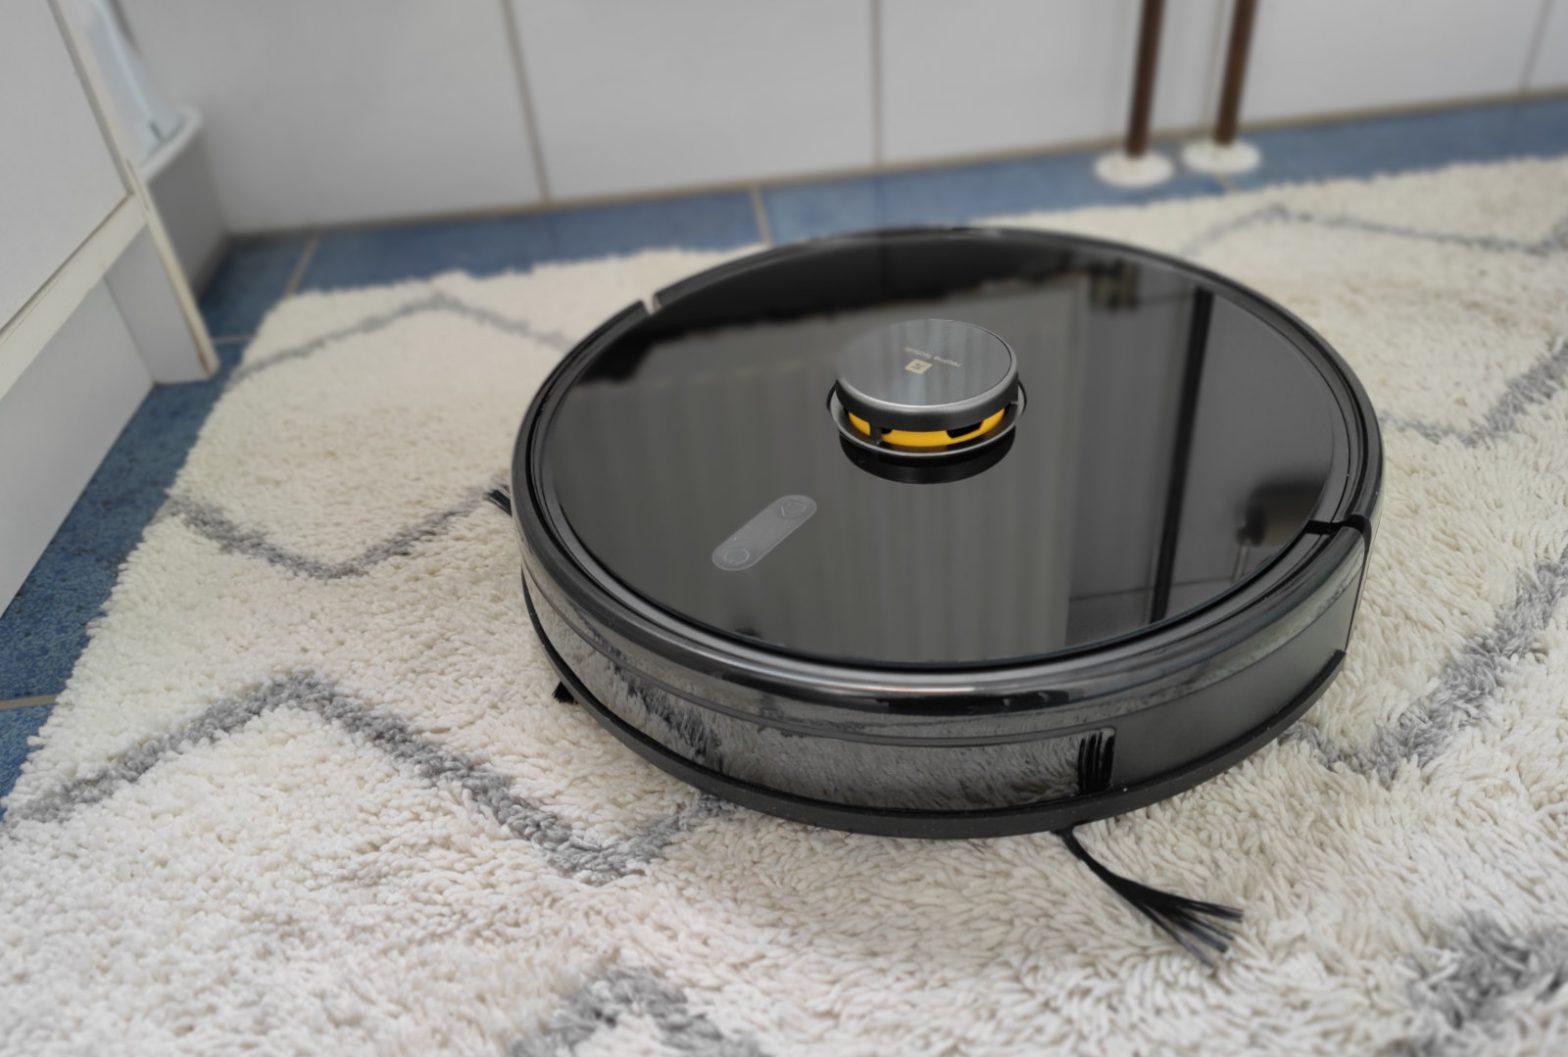 realme-techlife-robot-vacuum-ausprobiert:-solider-start-in-die-welt-der-saugroboter